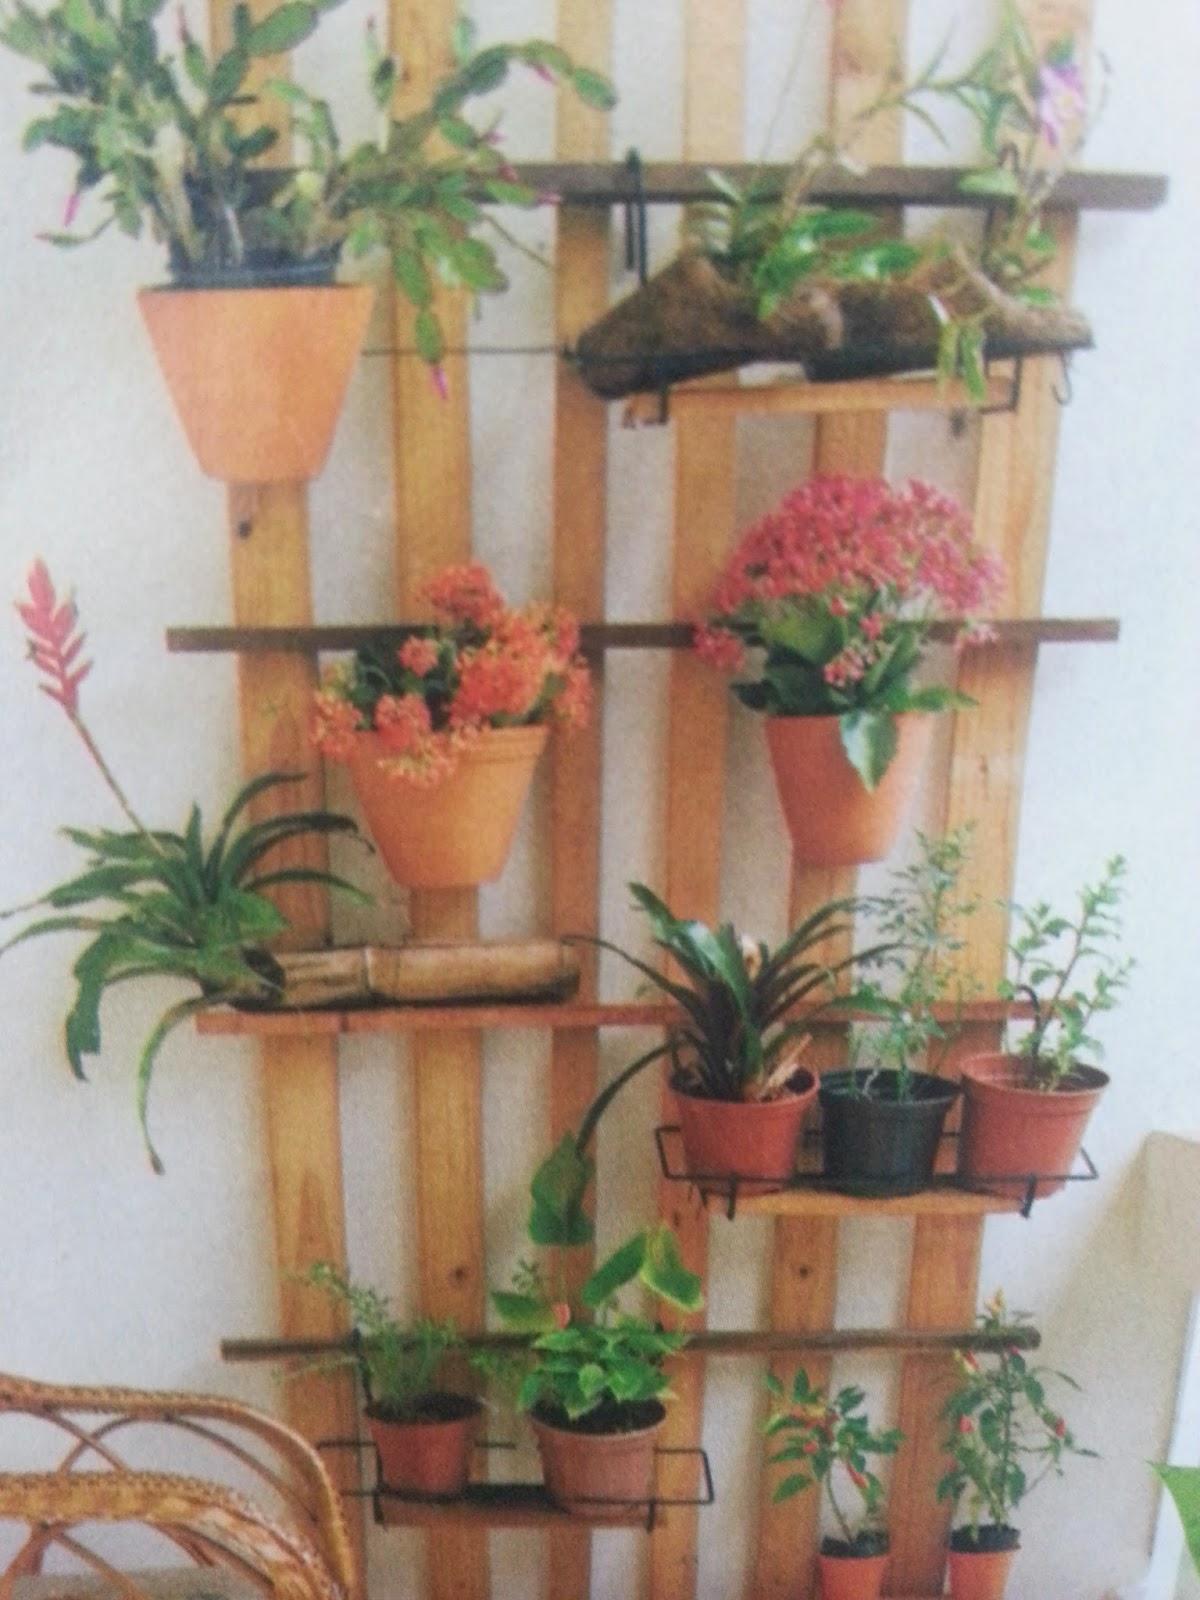 grade de jardim vertical : grades para jardim vertical ? Doitri.com